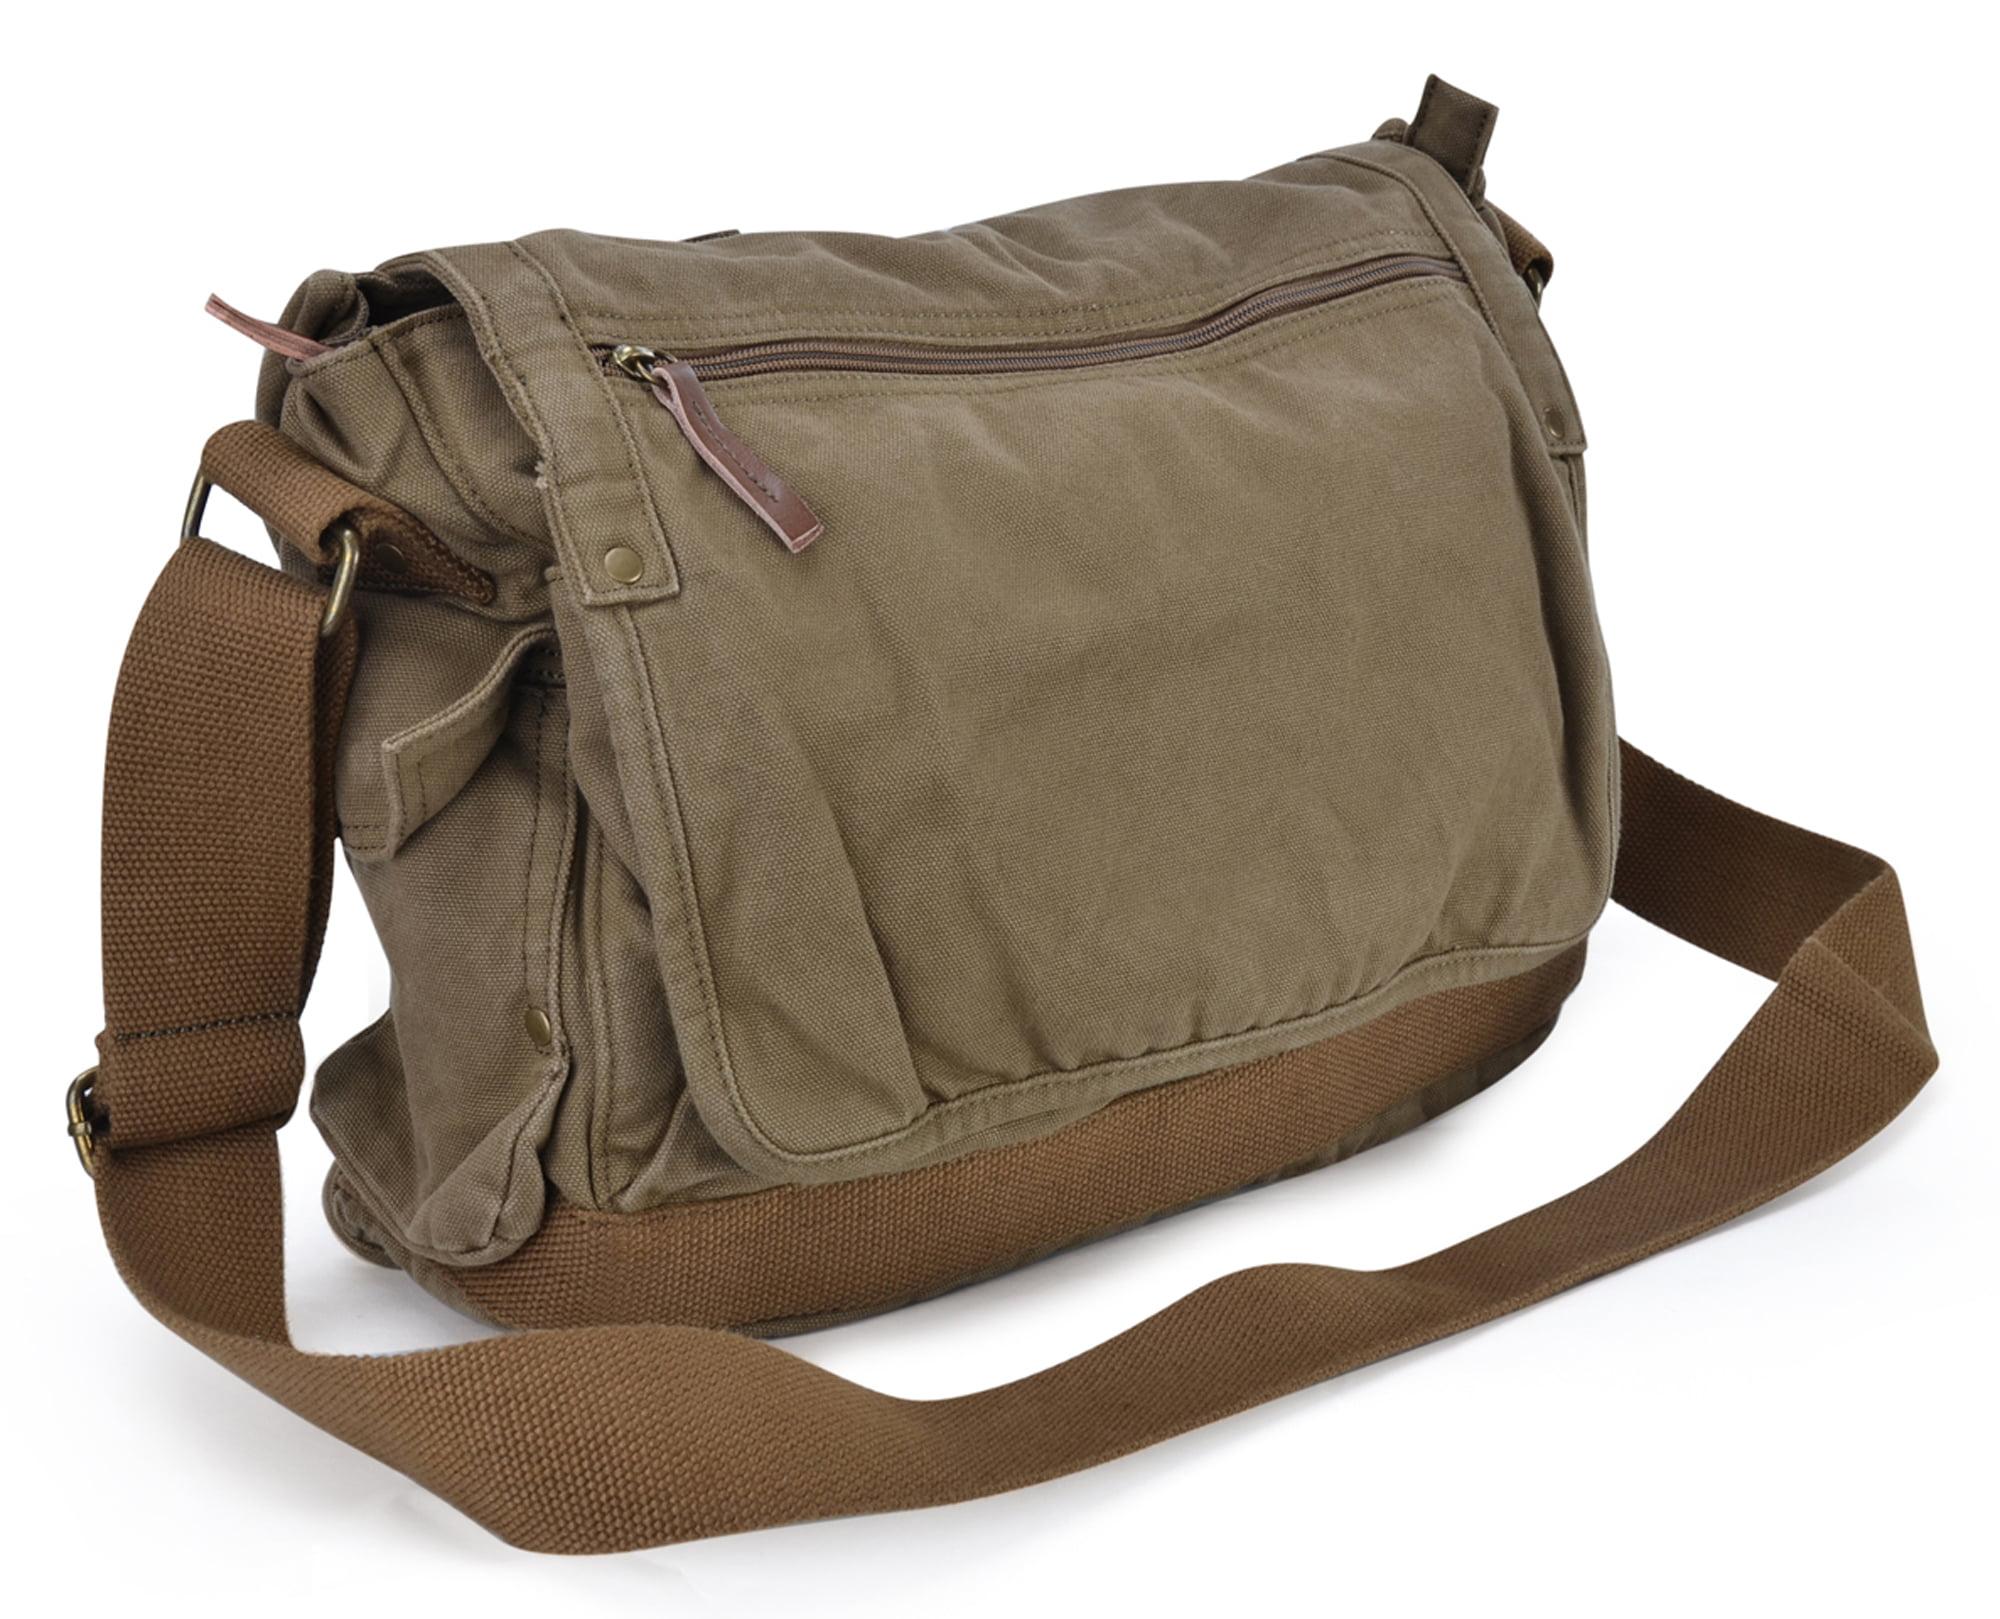 Gootium Classic Messenger Bag Vintage Canvas Shoulder Bag 15.6 Inch Laptop  Bag 60fb201feac